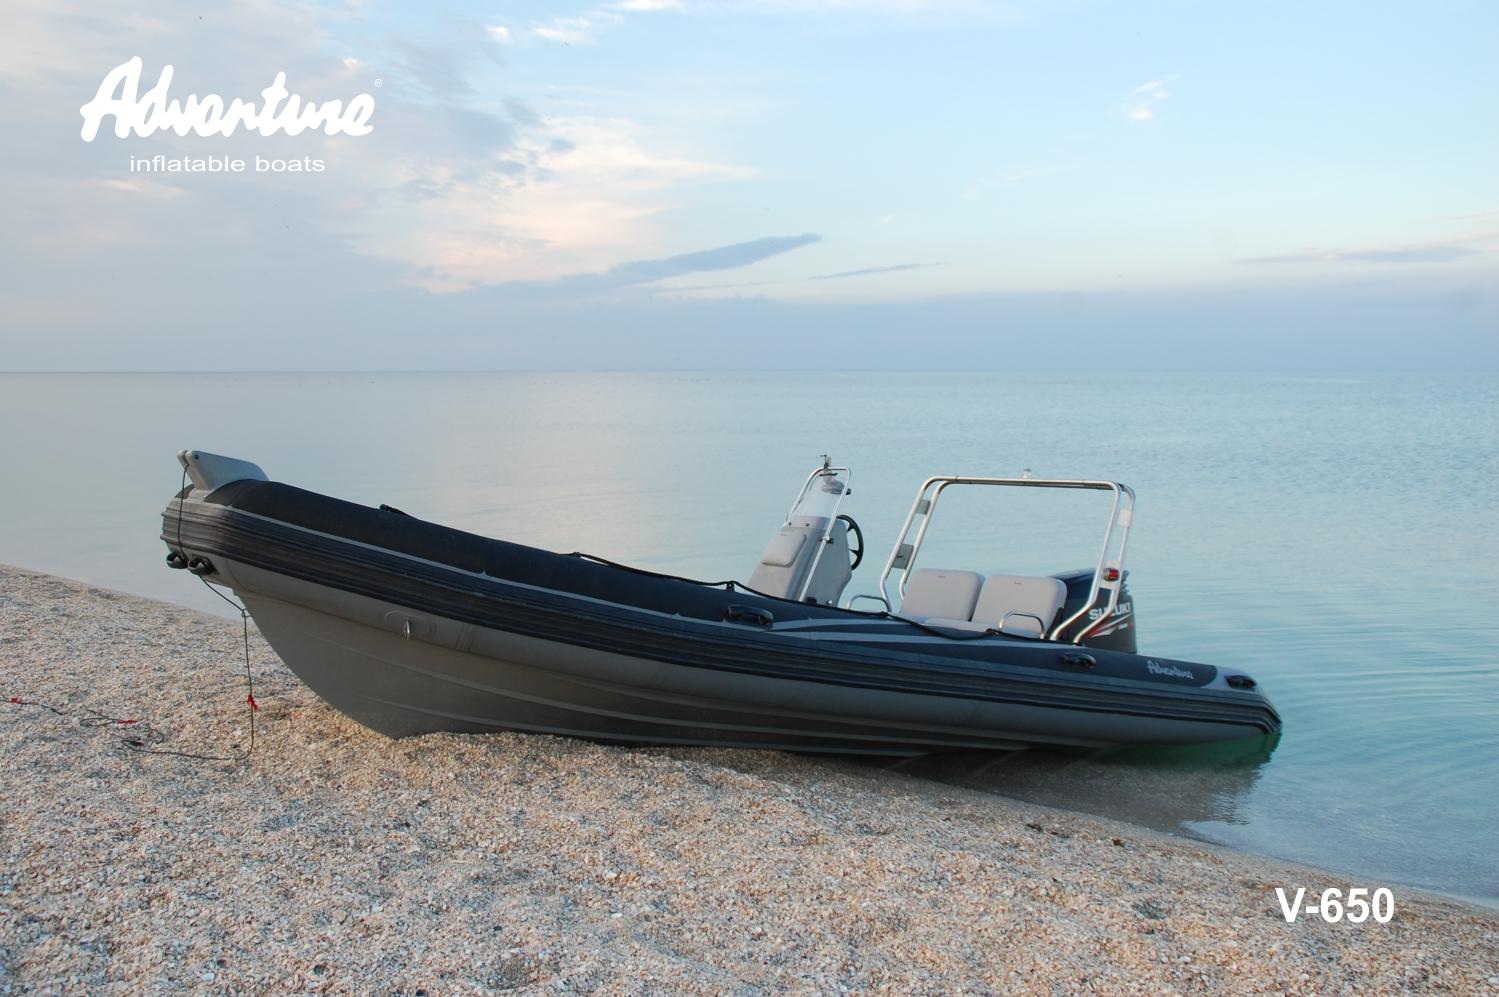 Ceny člunů Adventure jsou nyní fixované v EUR až do odvolání